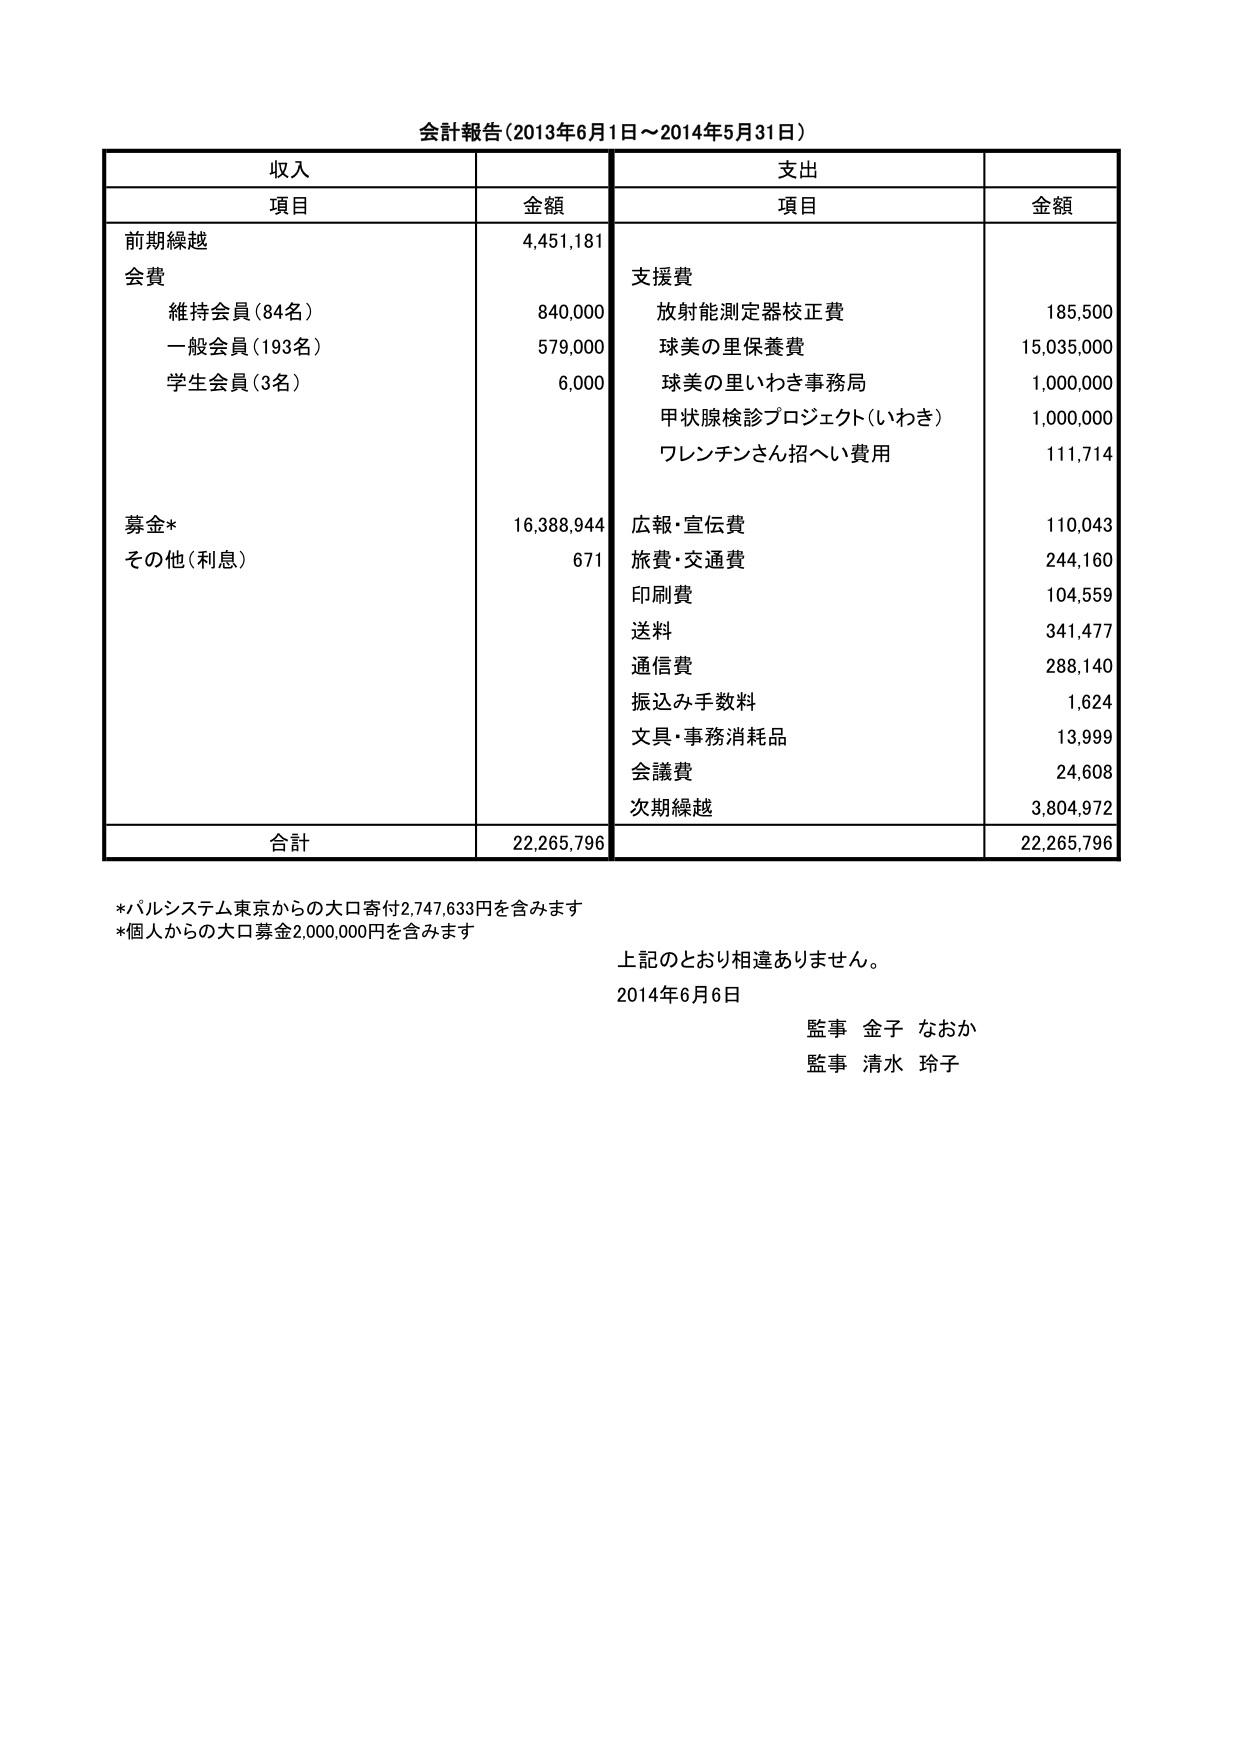 kessann201406-original-3 Sheet1